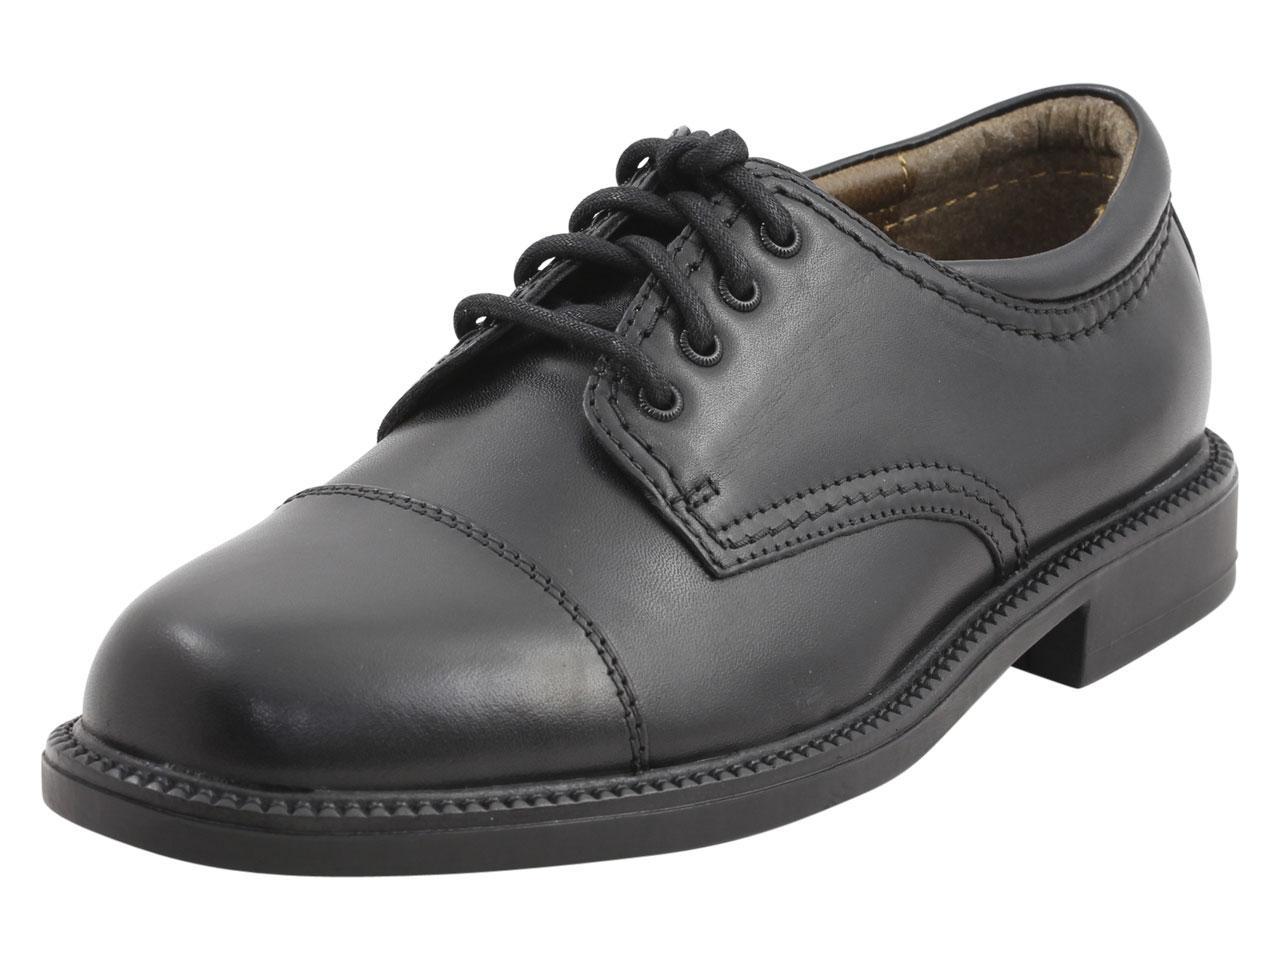 3fb56573a0d Dockers Men s Gordon Cap Toe Oxfords Shoes